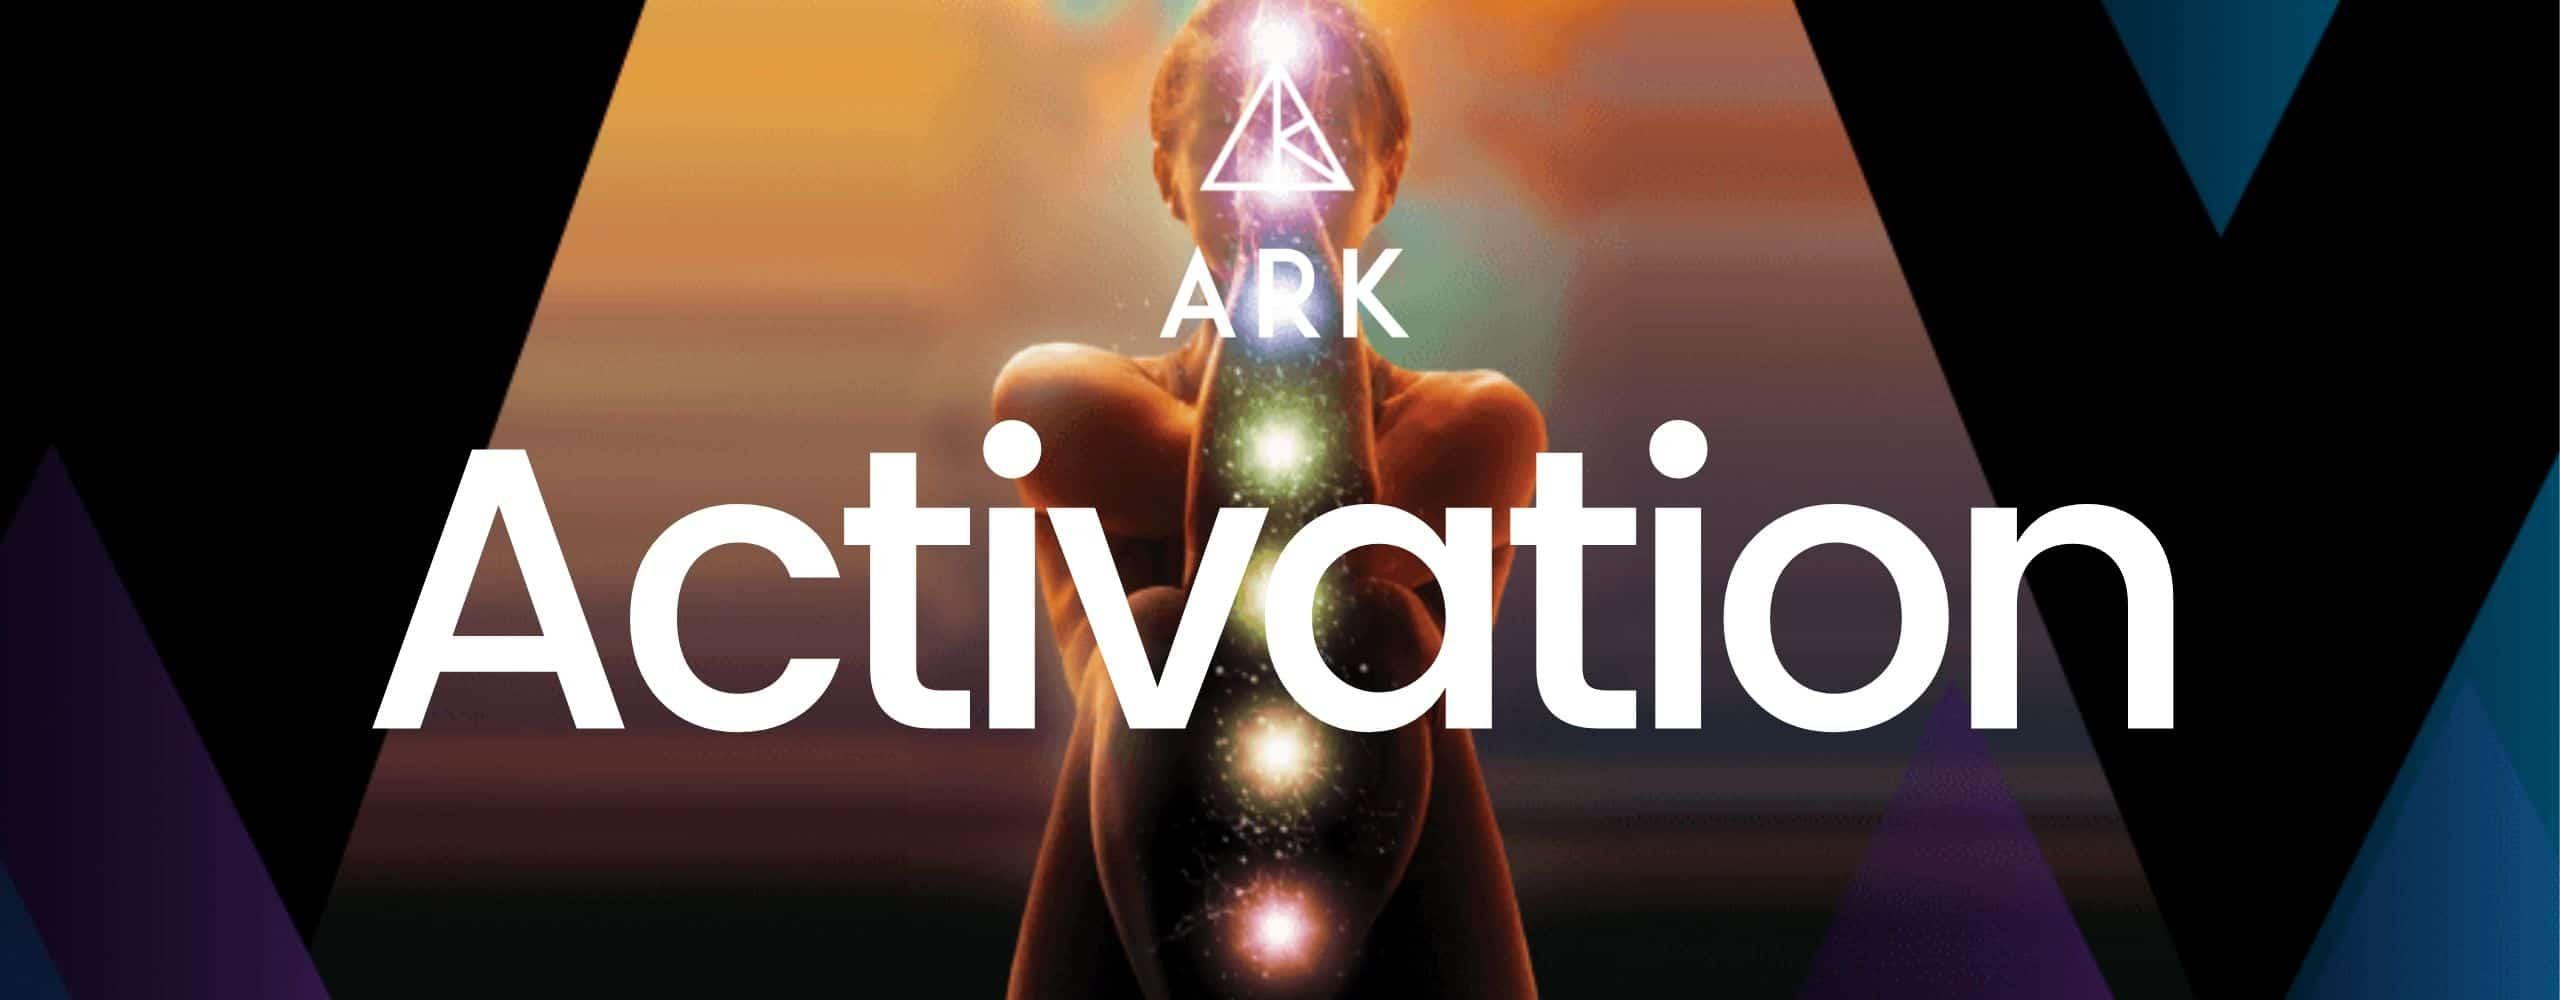 ARK activation header